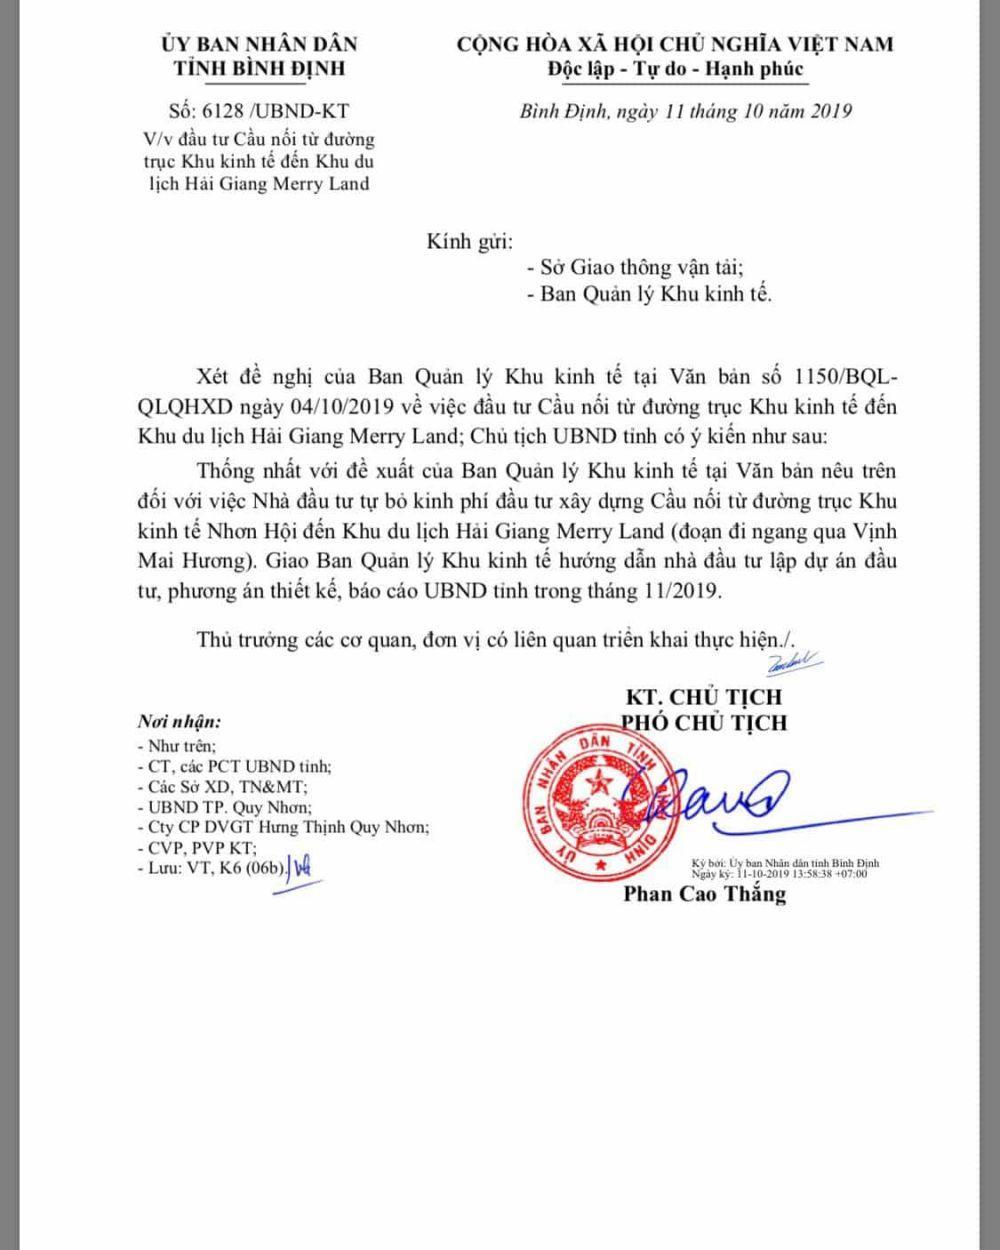 Quyết định đầu tư cầu kết nối dự án khu du lịch Hải Giang Merry Land Quy Nhơn